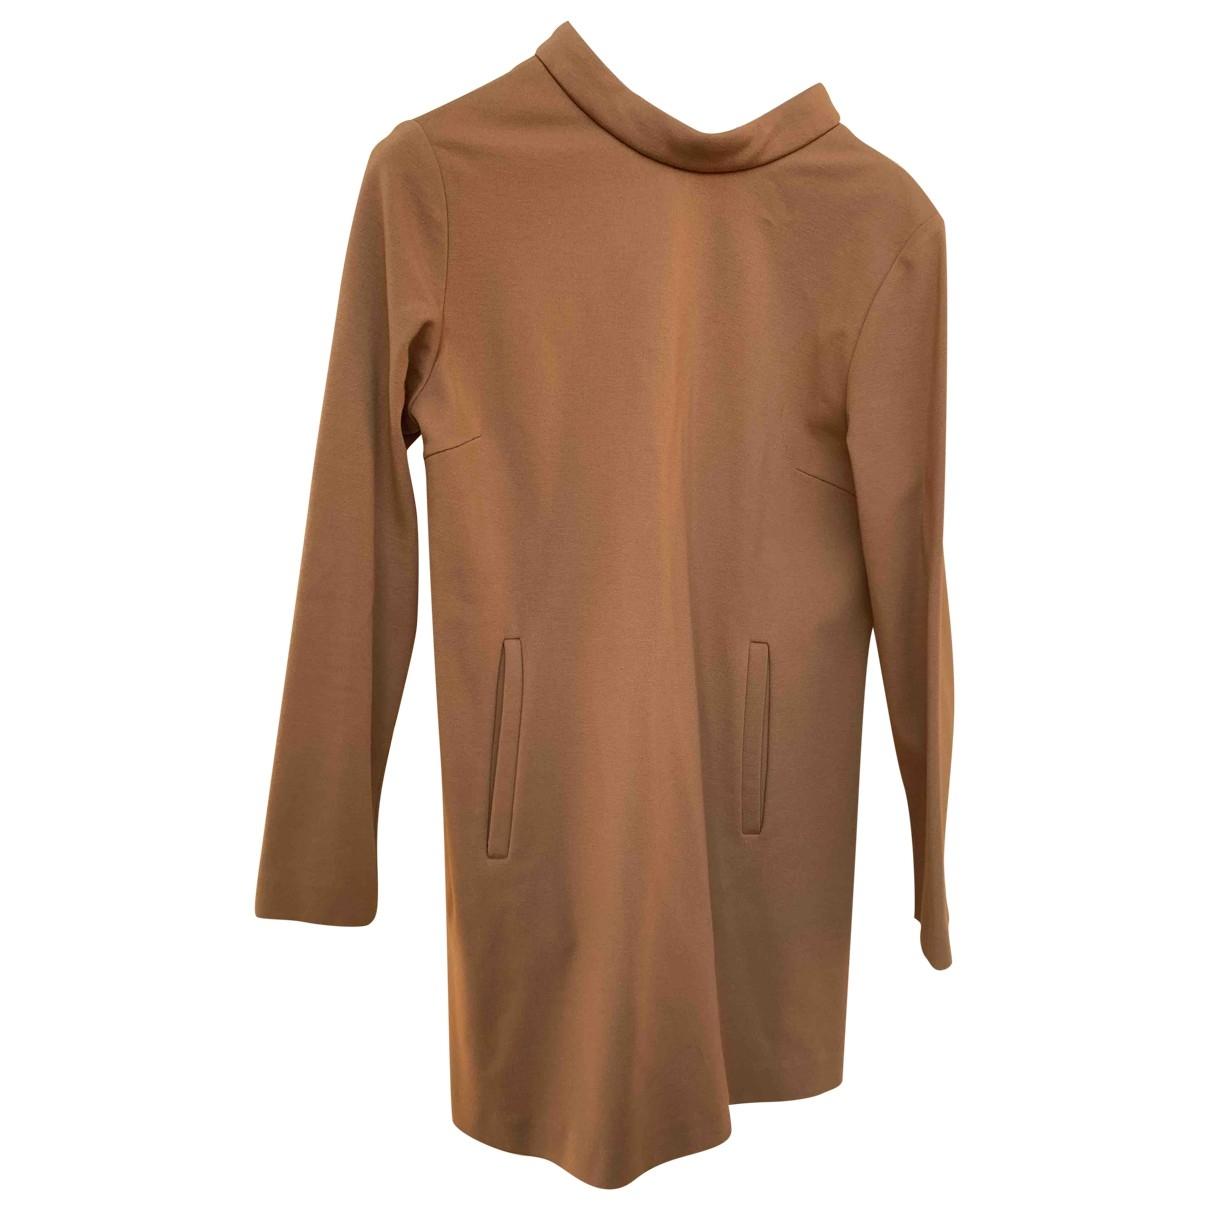 Douuod \N Khaki Cotton - elasthane dress for Women 40 IT